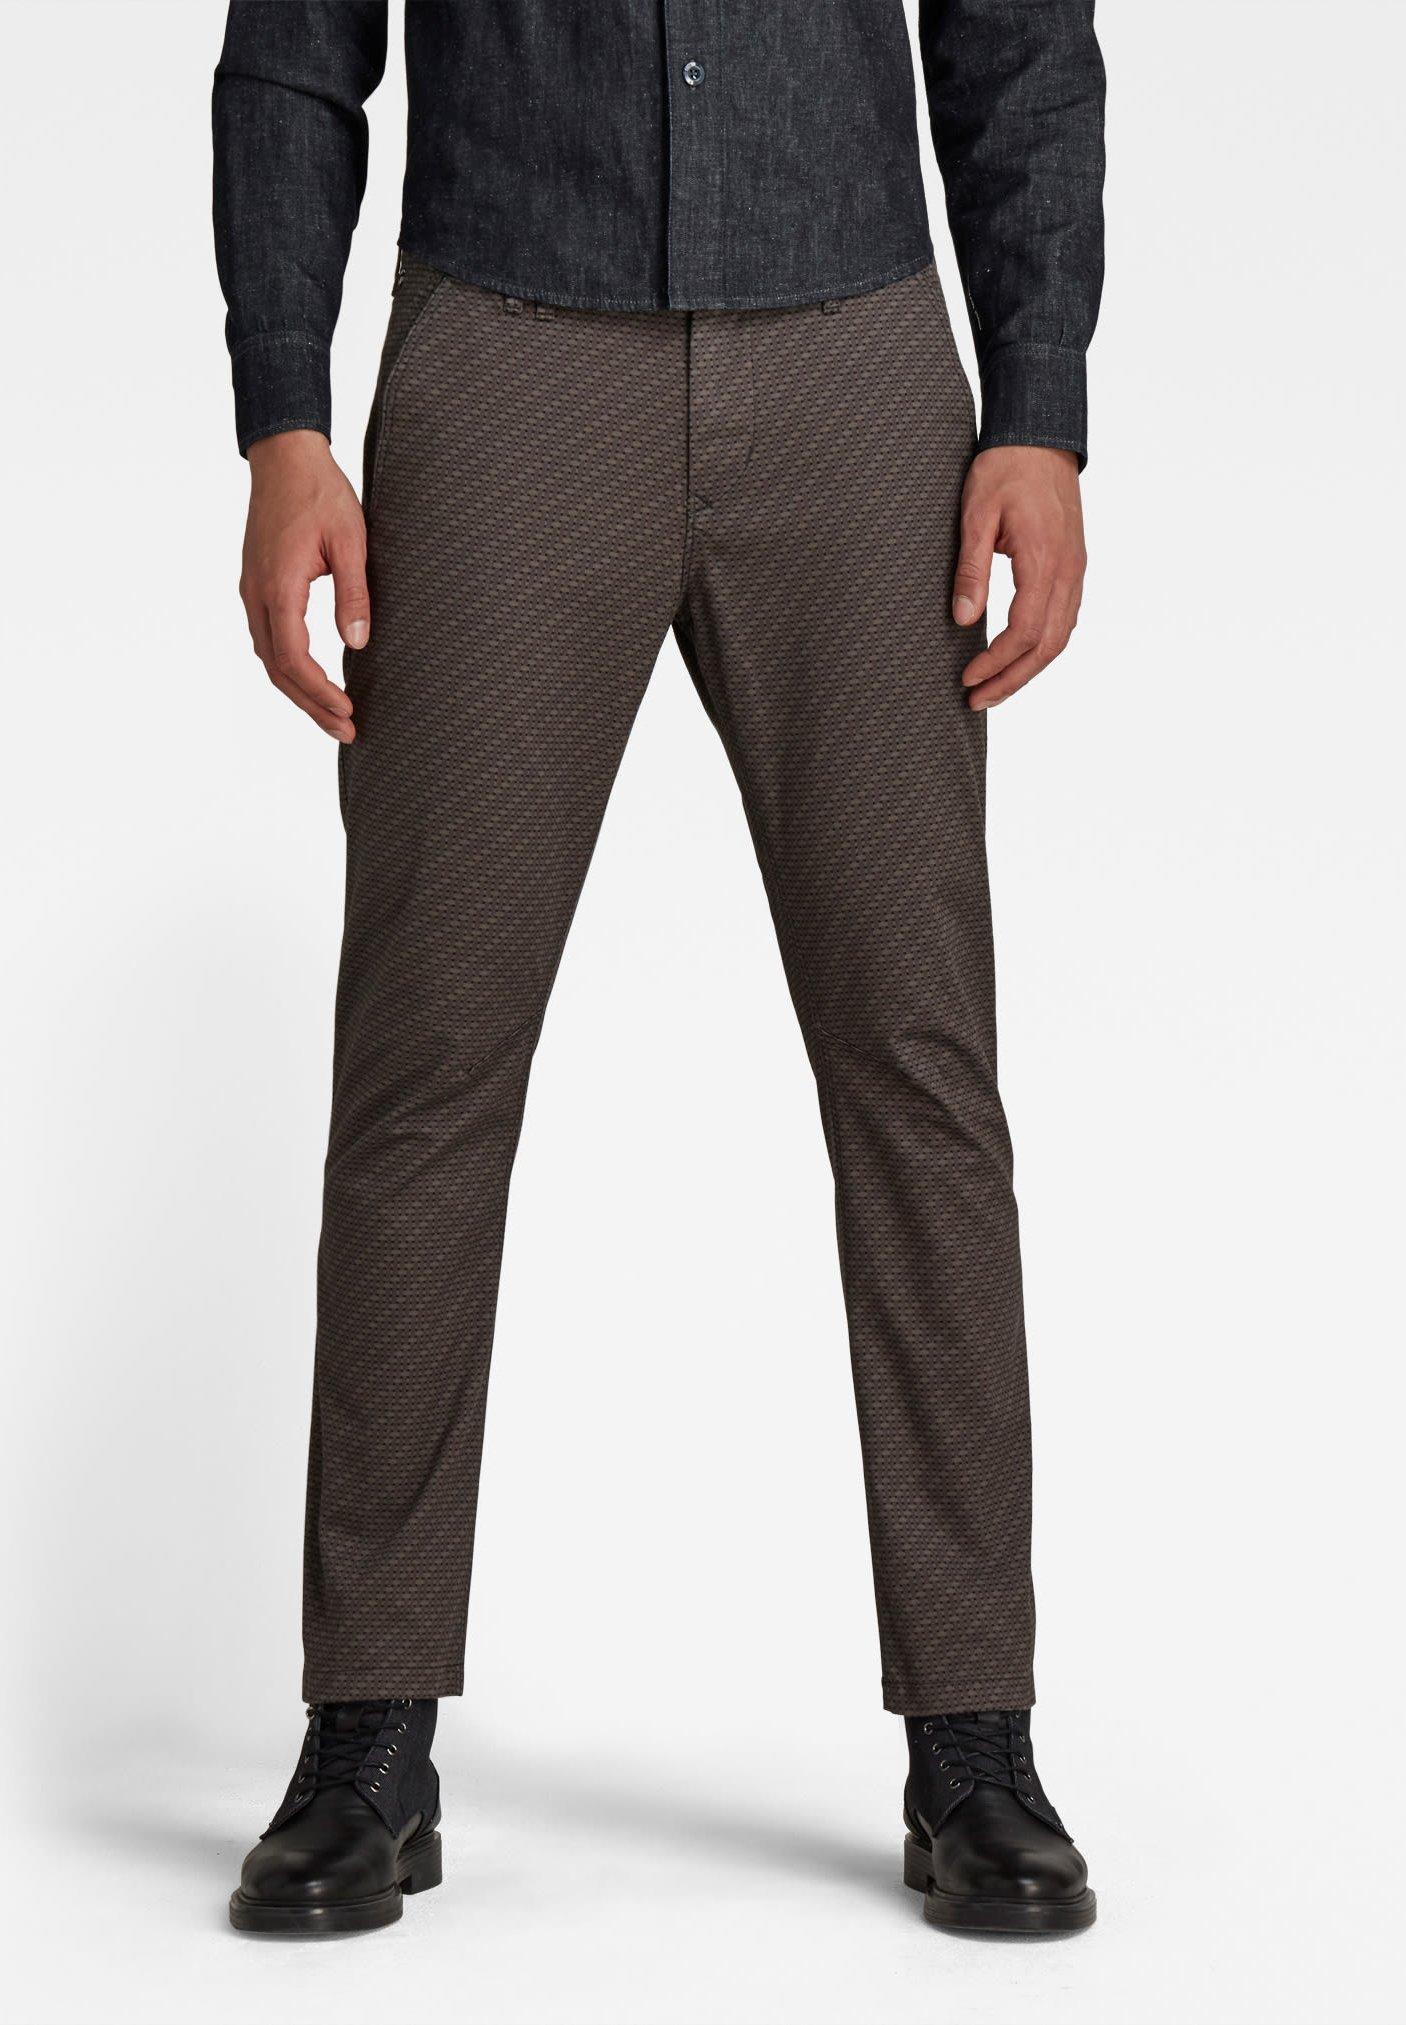 Uomo VETAR SLIM CHINO - Pantaloni